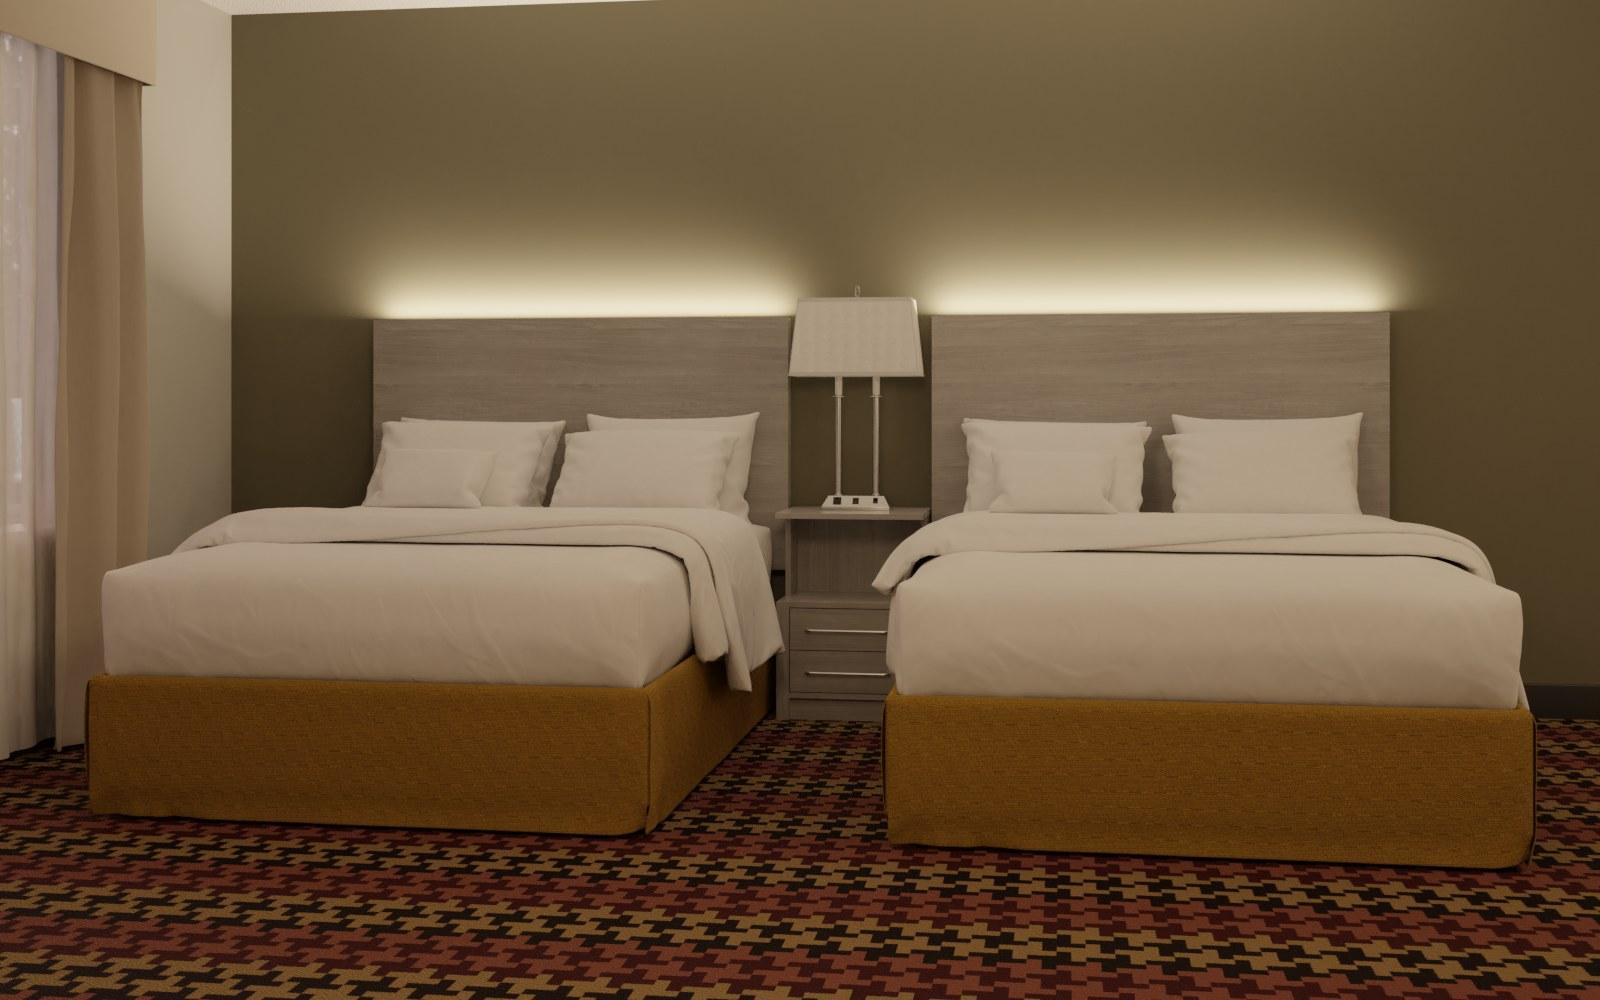 room-scene__queen-setup v2 night.jpg